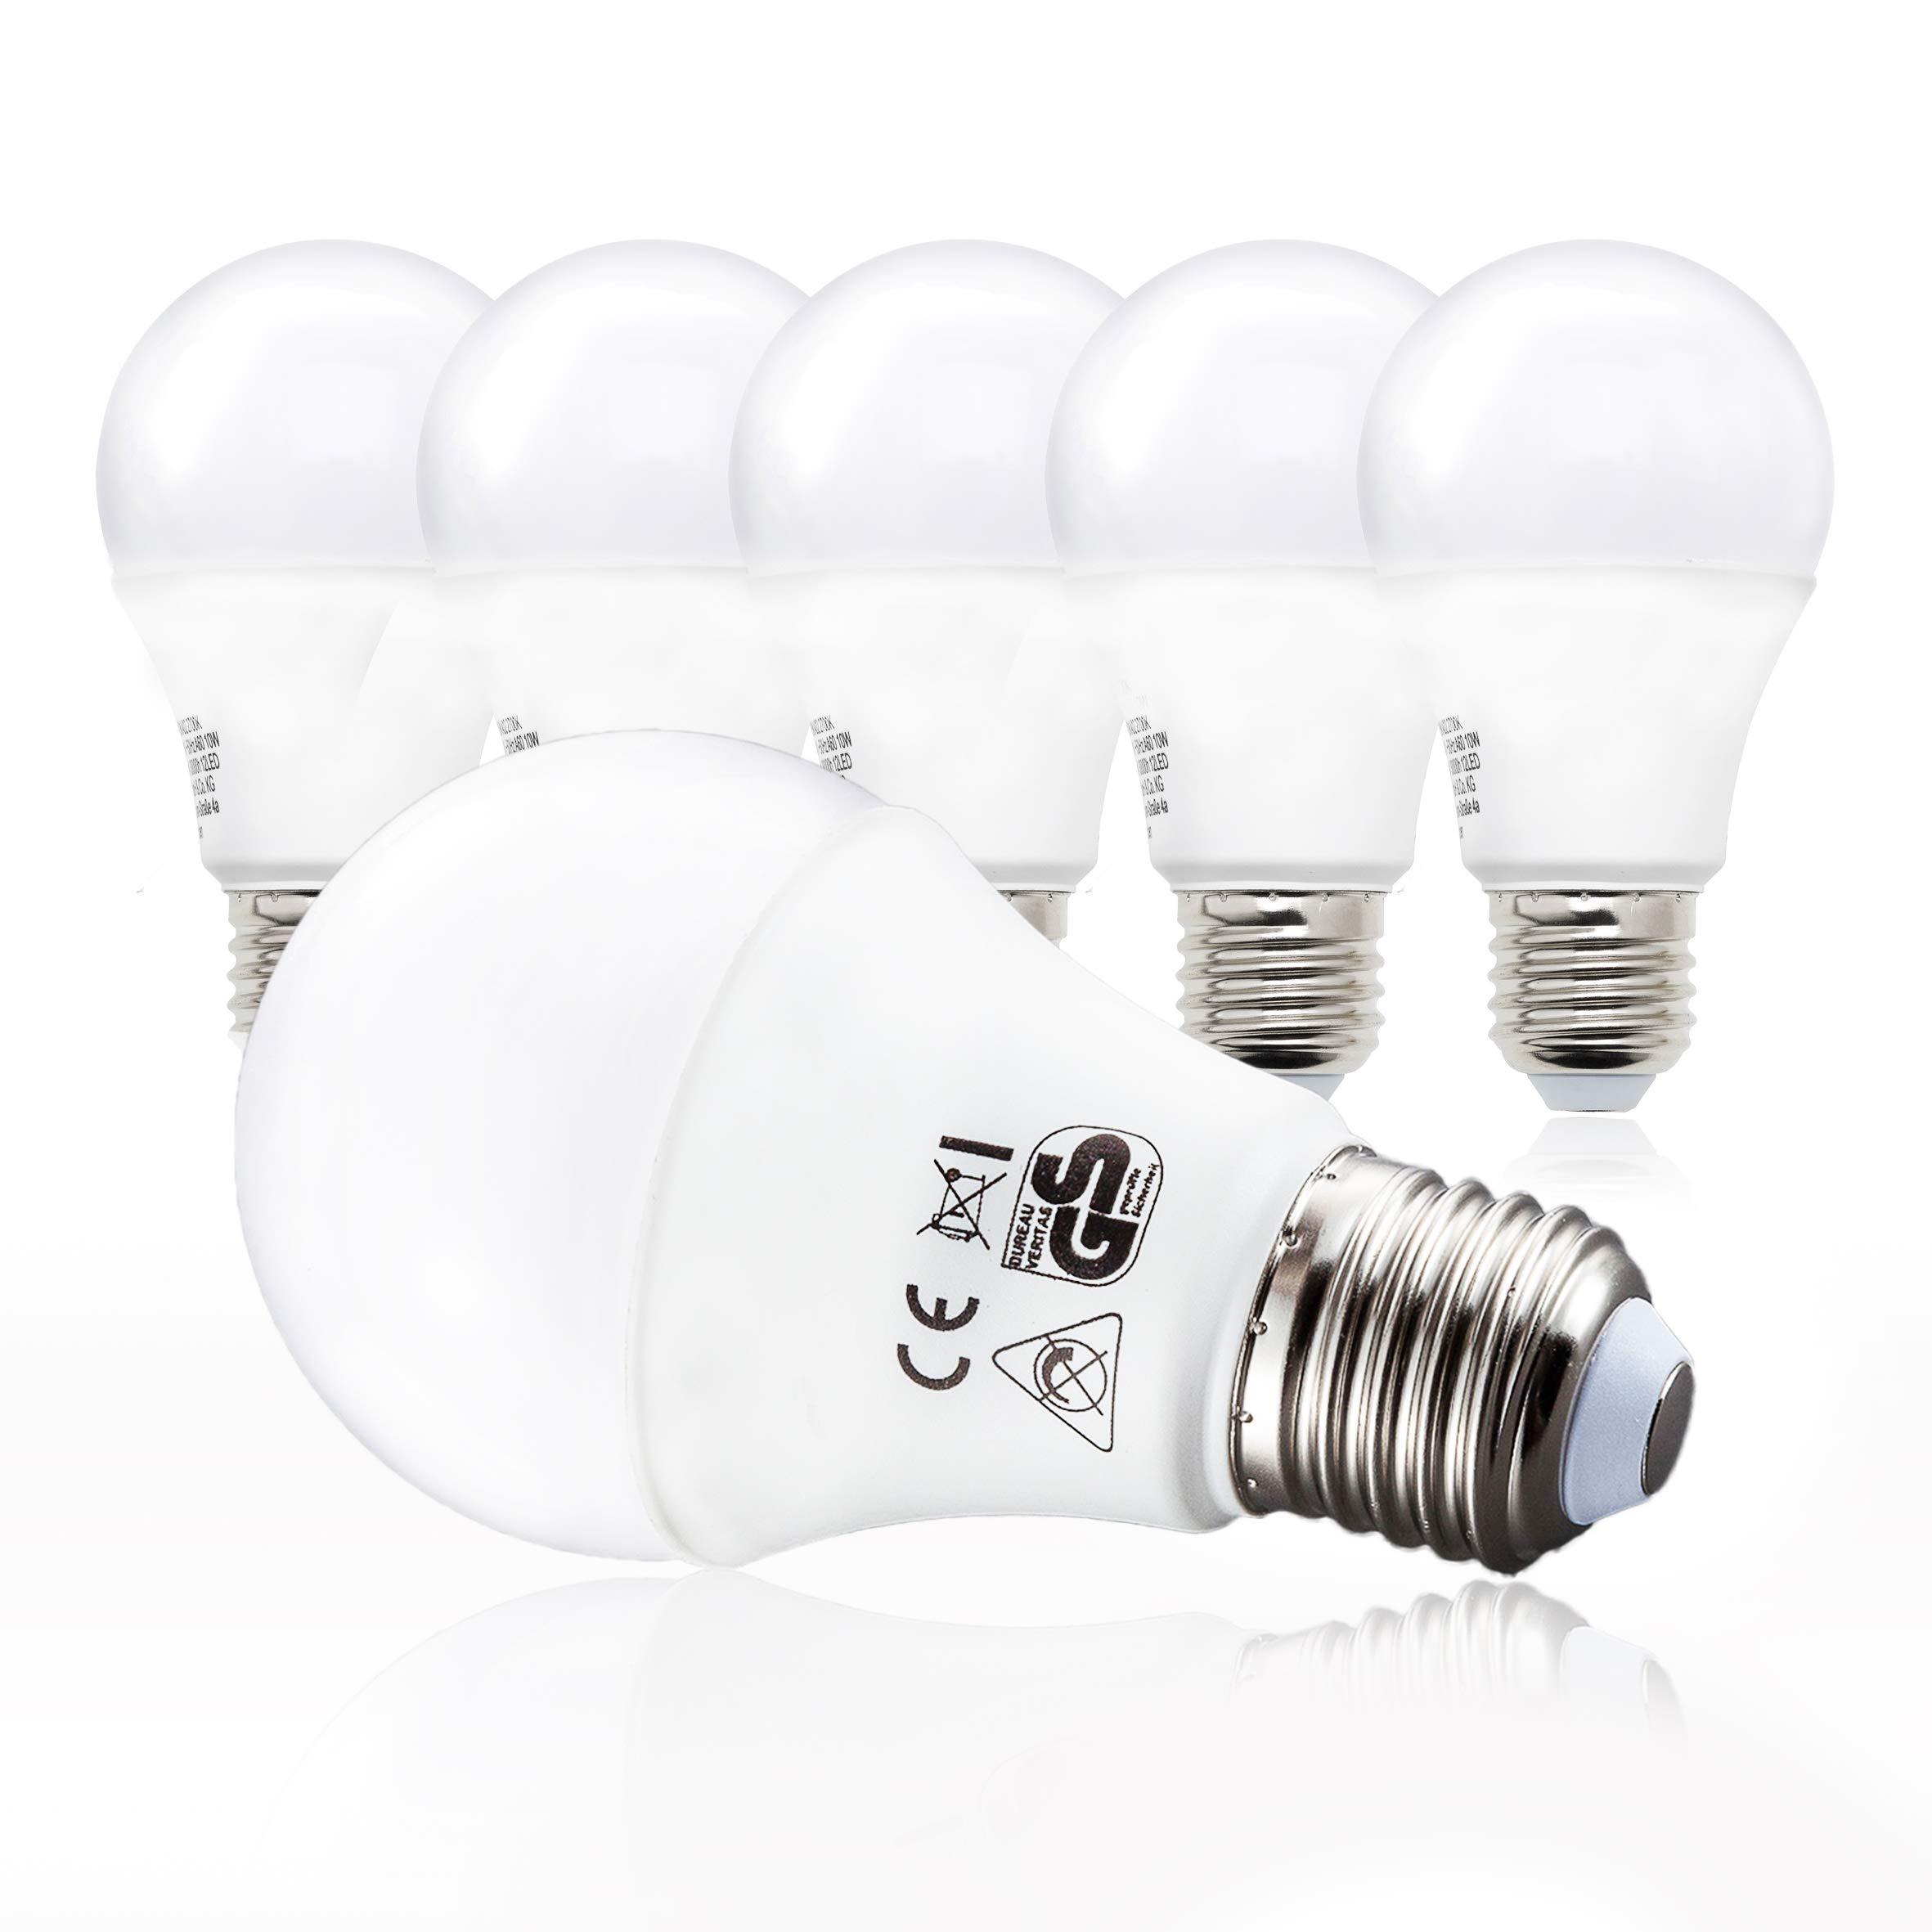 B.K.Licht Bombillas LED E27 I Ecológico I 9W equivalente a 75W I Pack de 5 I Luz Blanca natural 2700K 806LM I 230V: Amazon.es: Iluminación